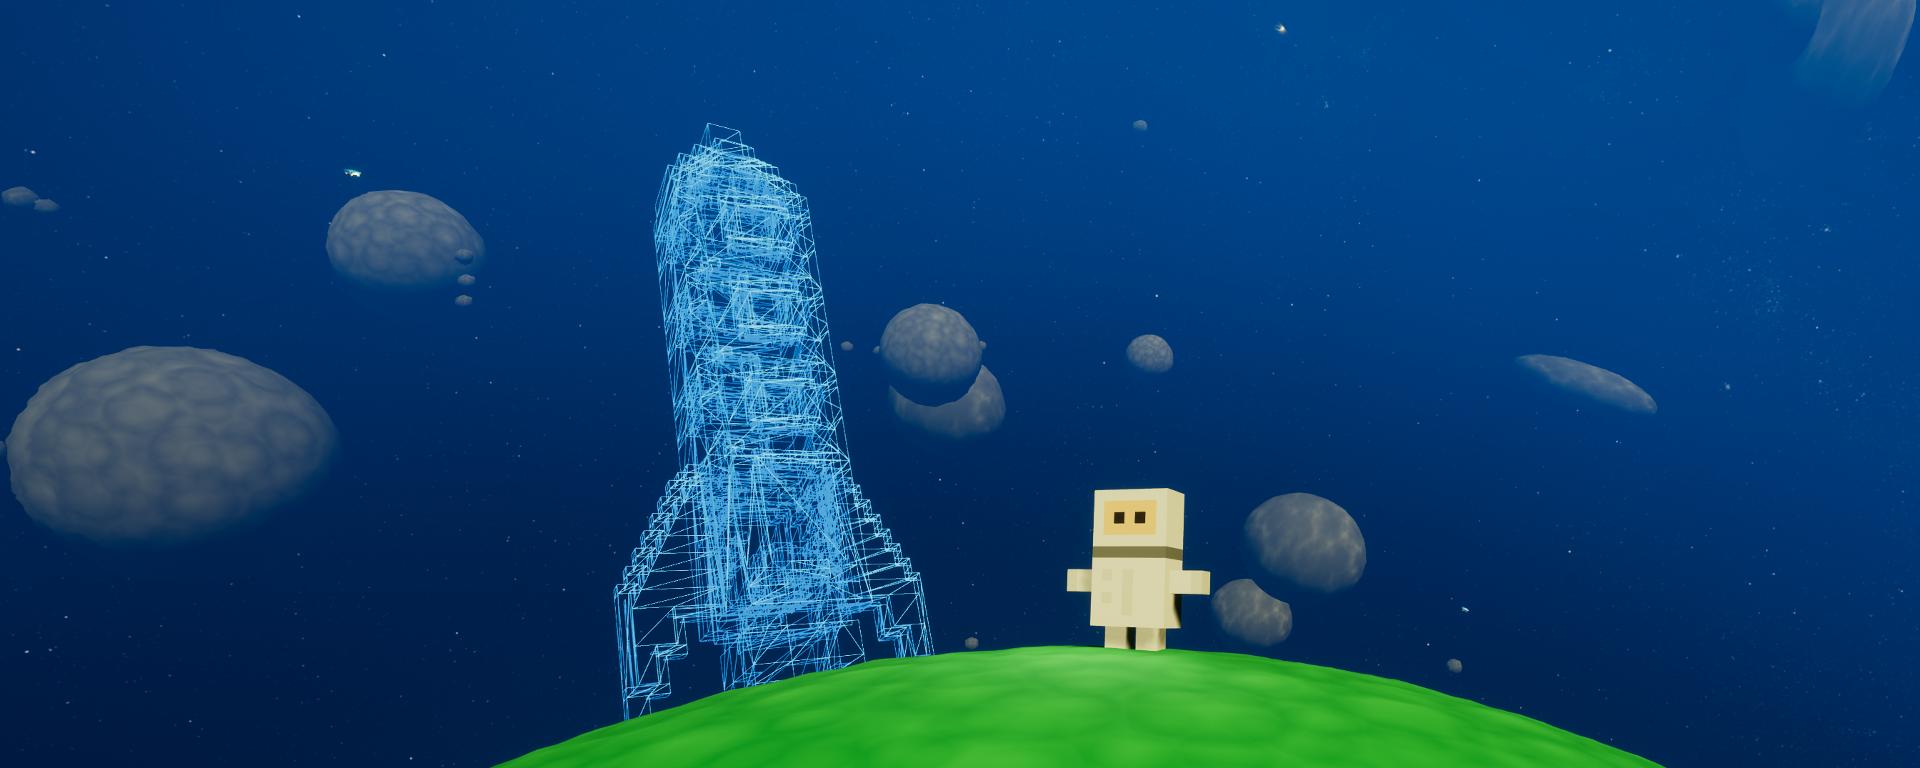 Ludum Dare 38 - Blocknauts!